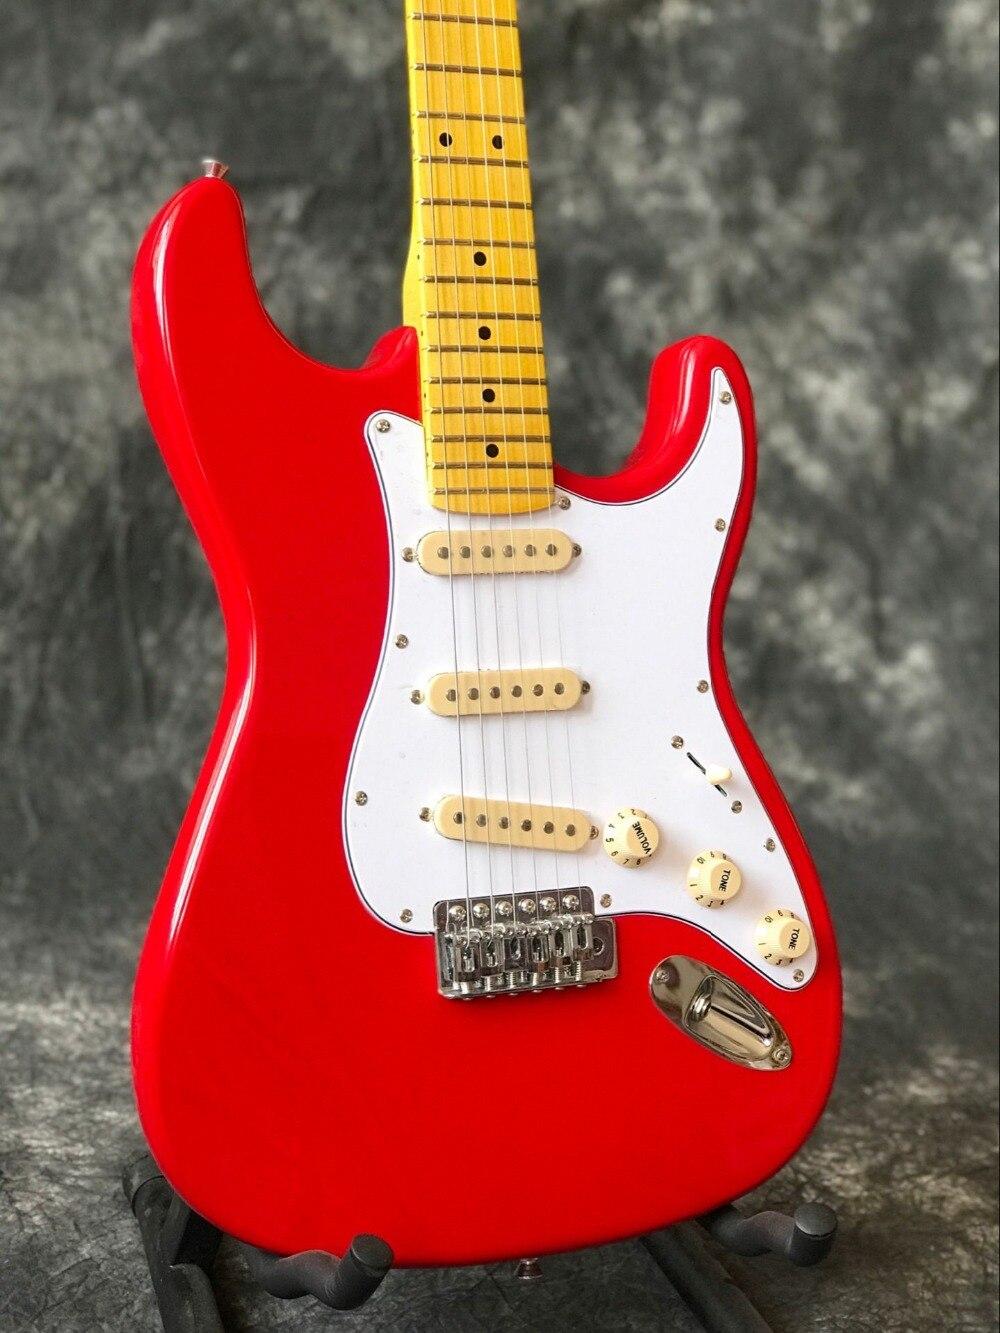 Guitare électrique ST personnalisée, travail manuel 6 cordes touche érable guitarra, couleur rouge stratocastre gitaar. vraies photos